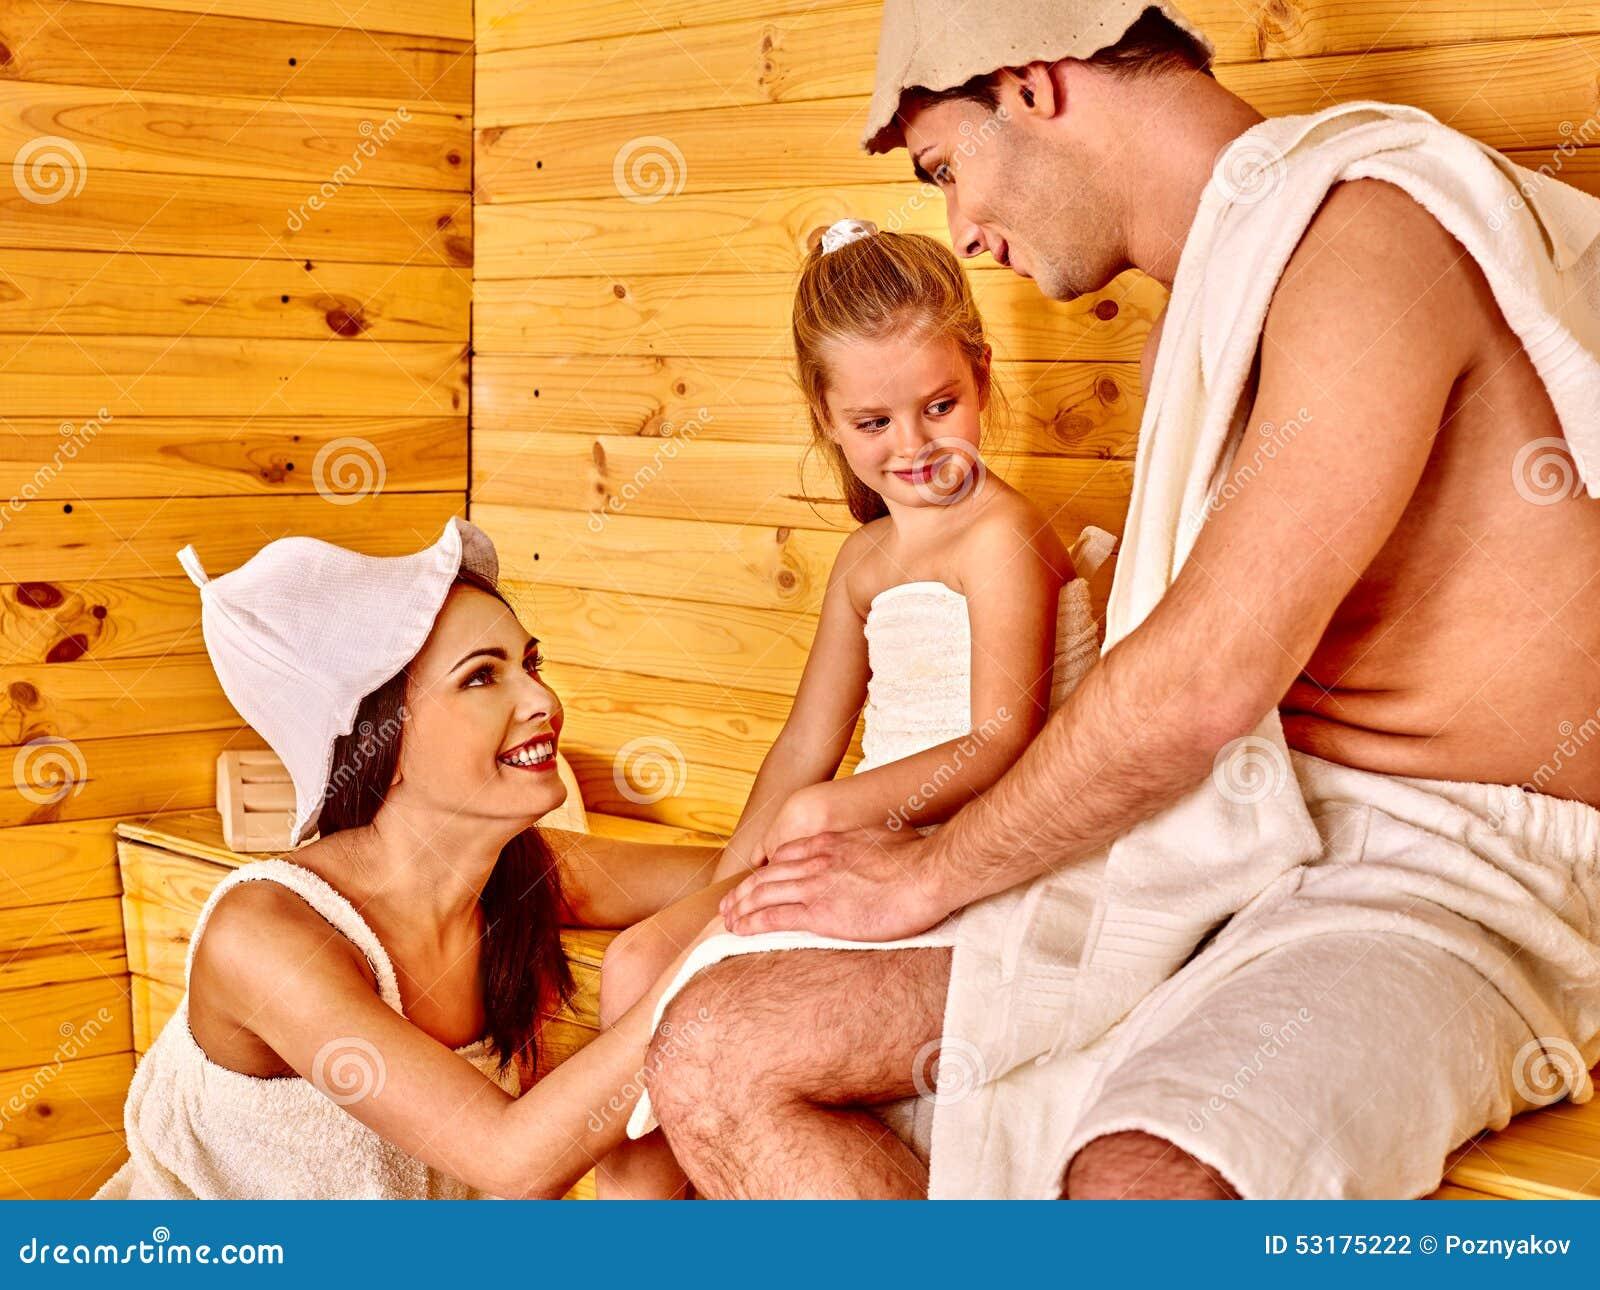 Семейные фото голых жен и мужей, Голые жены, домашние порно фото с женой 24 фотография